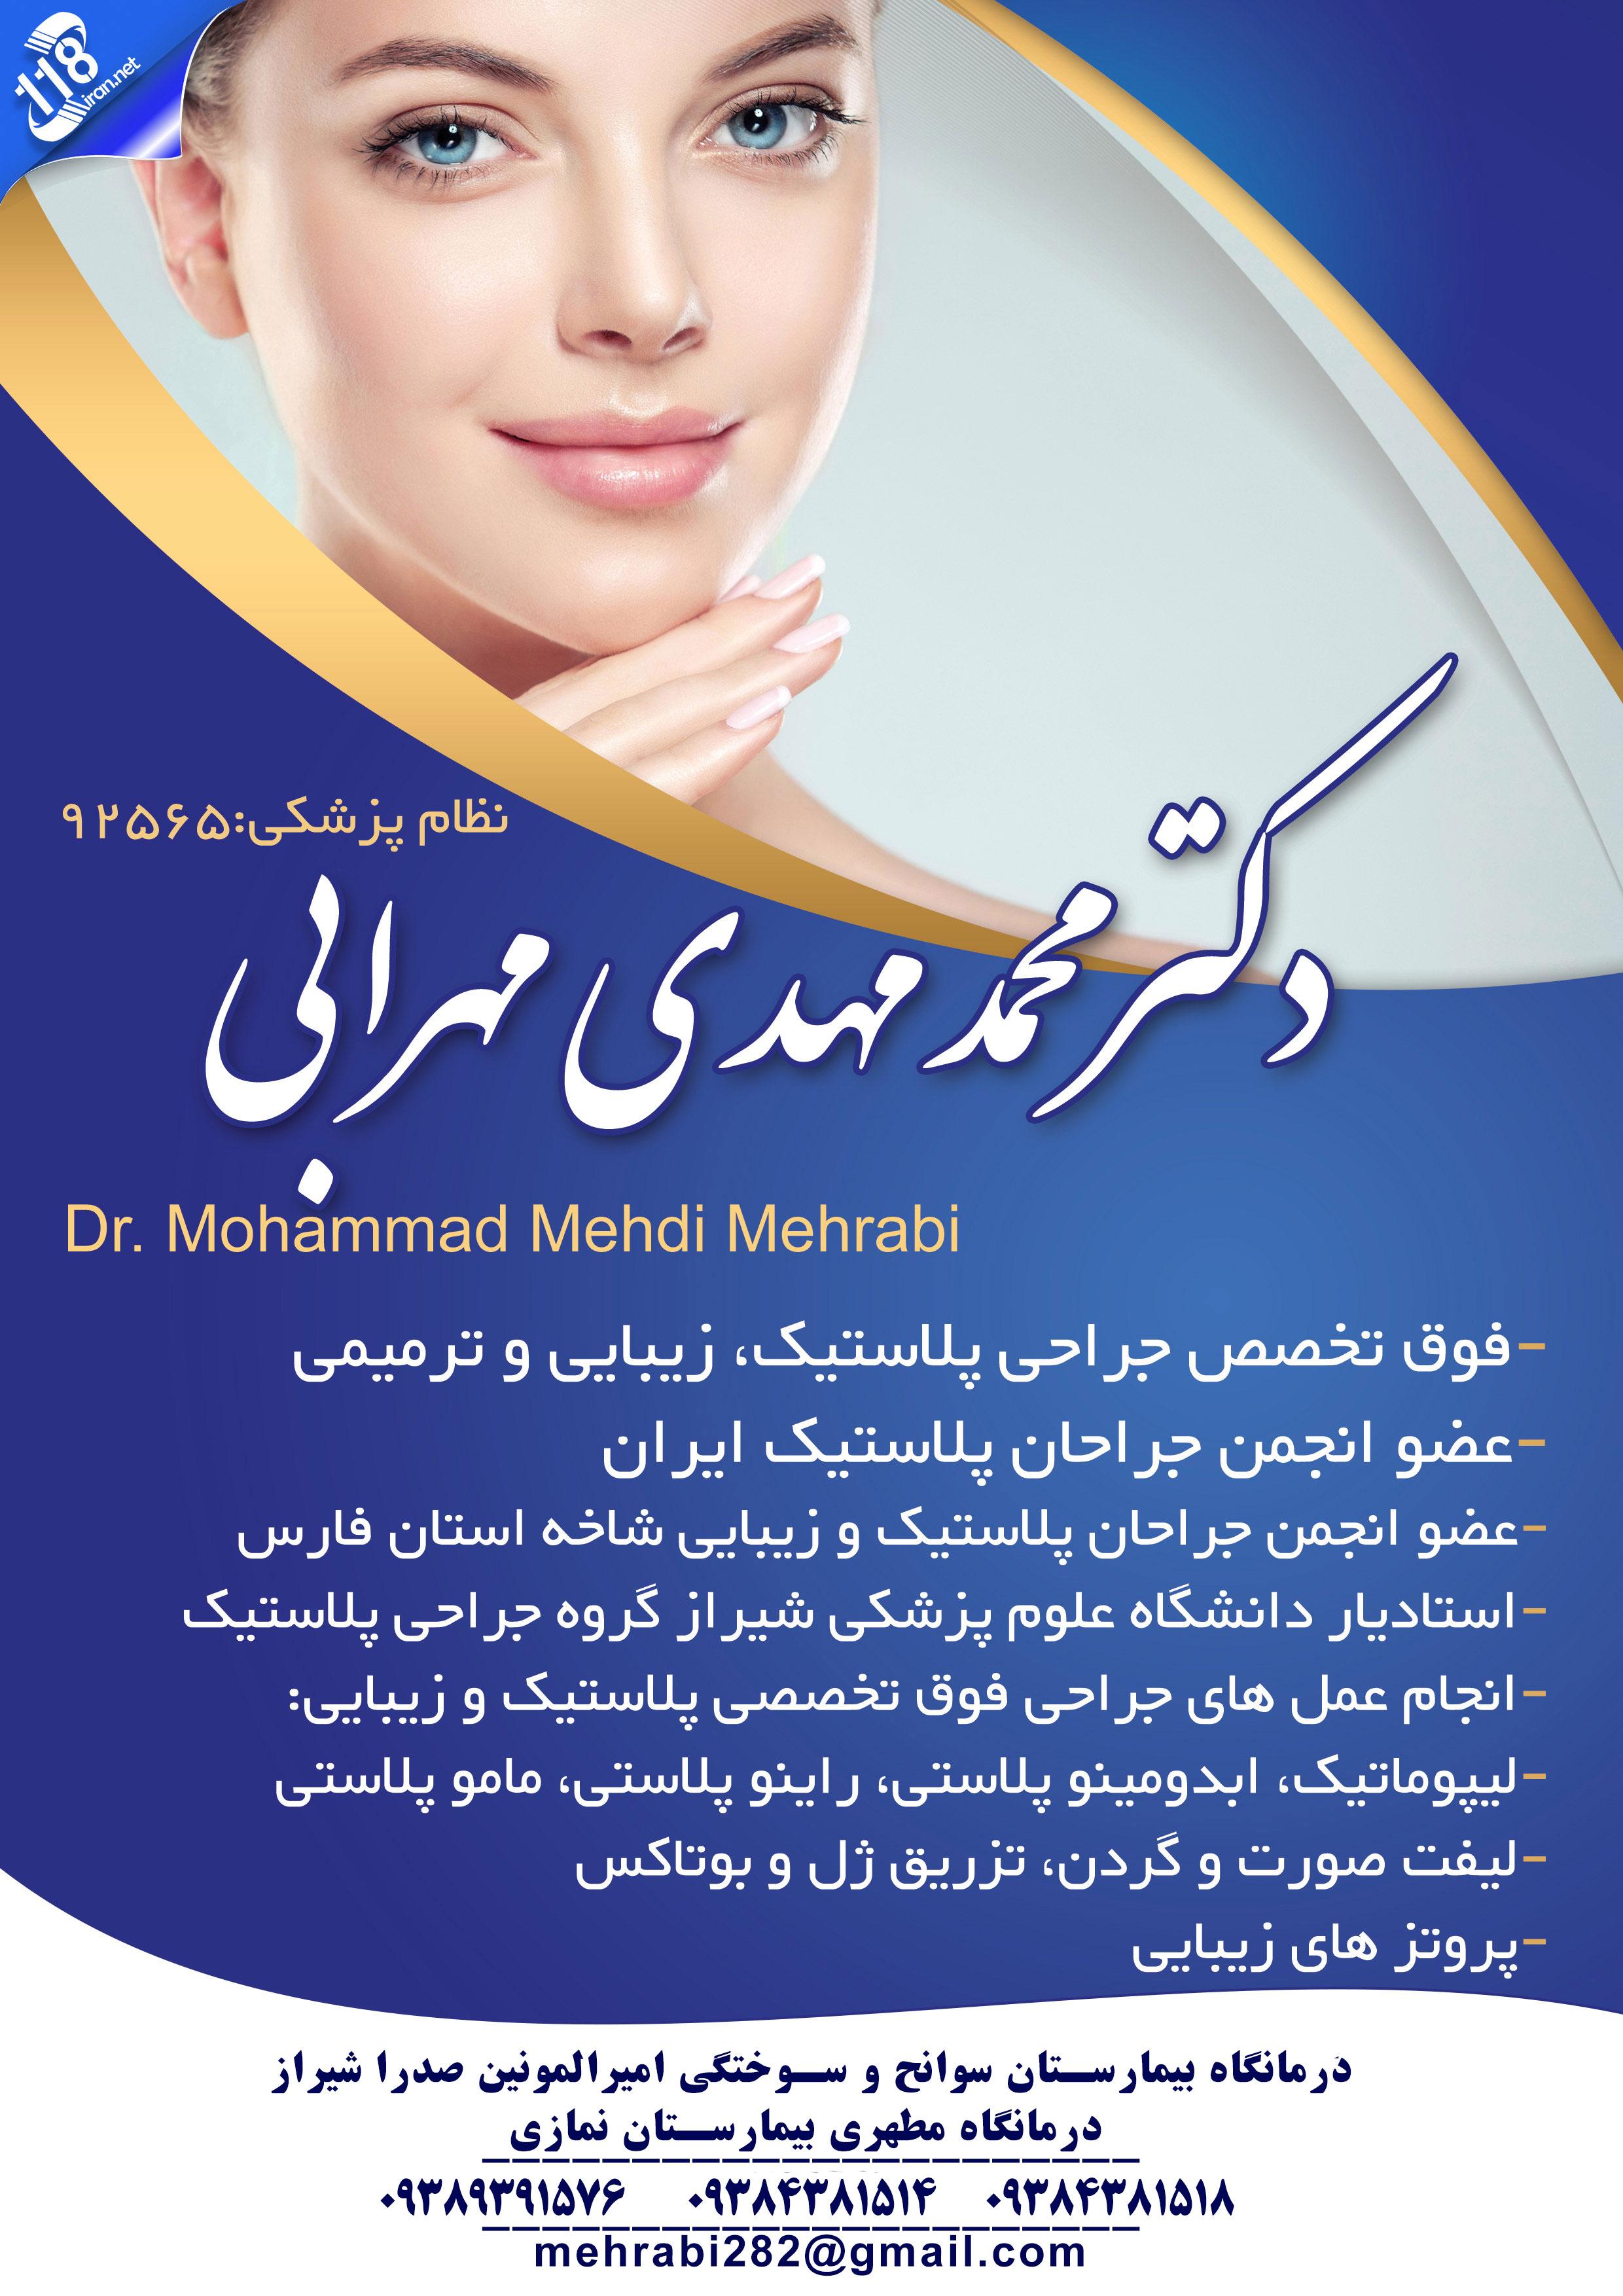 جراحی فوق تخصصی پلاستیک و ترمیمی در شیراز